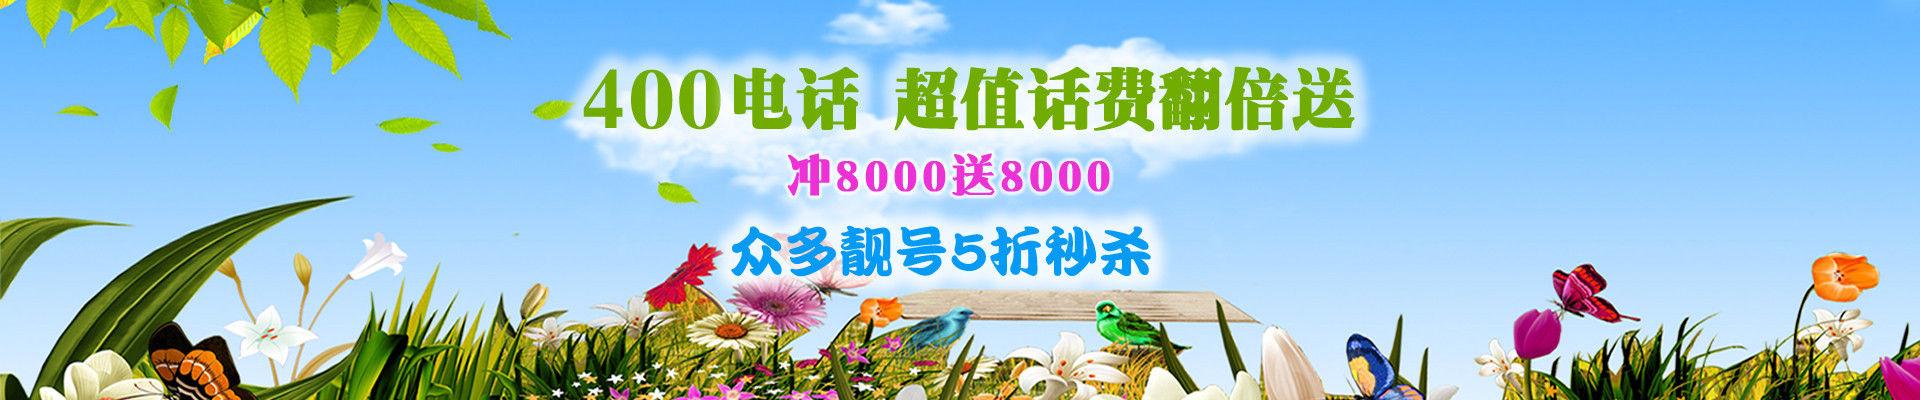 丹东400电话优惠活动